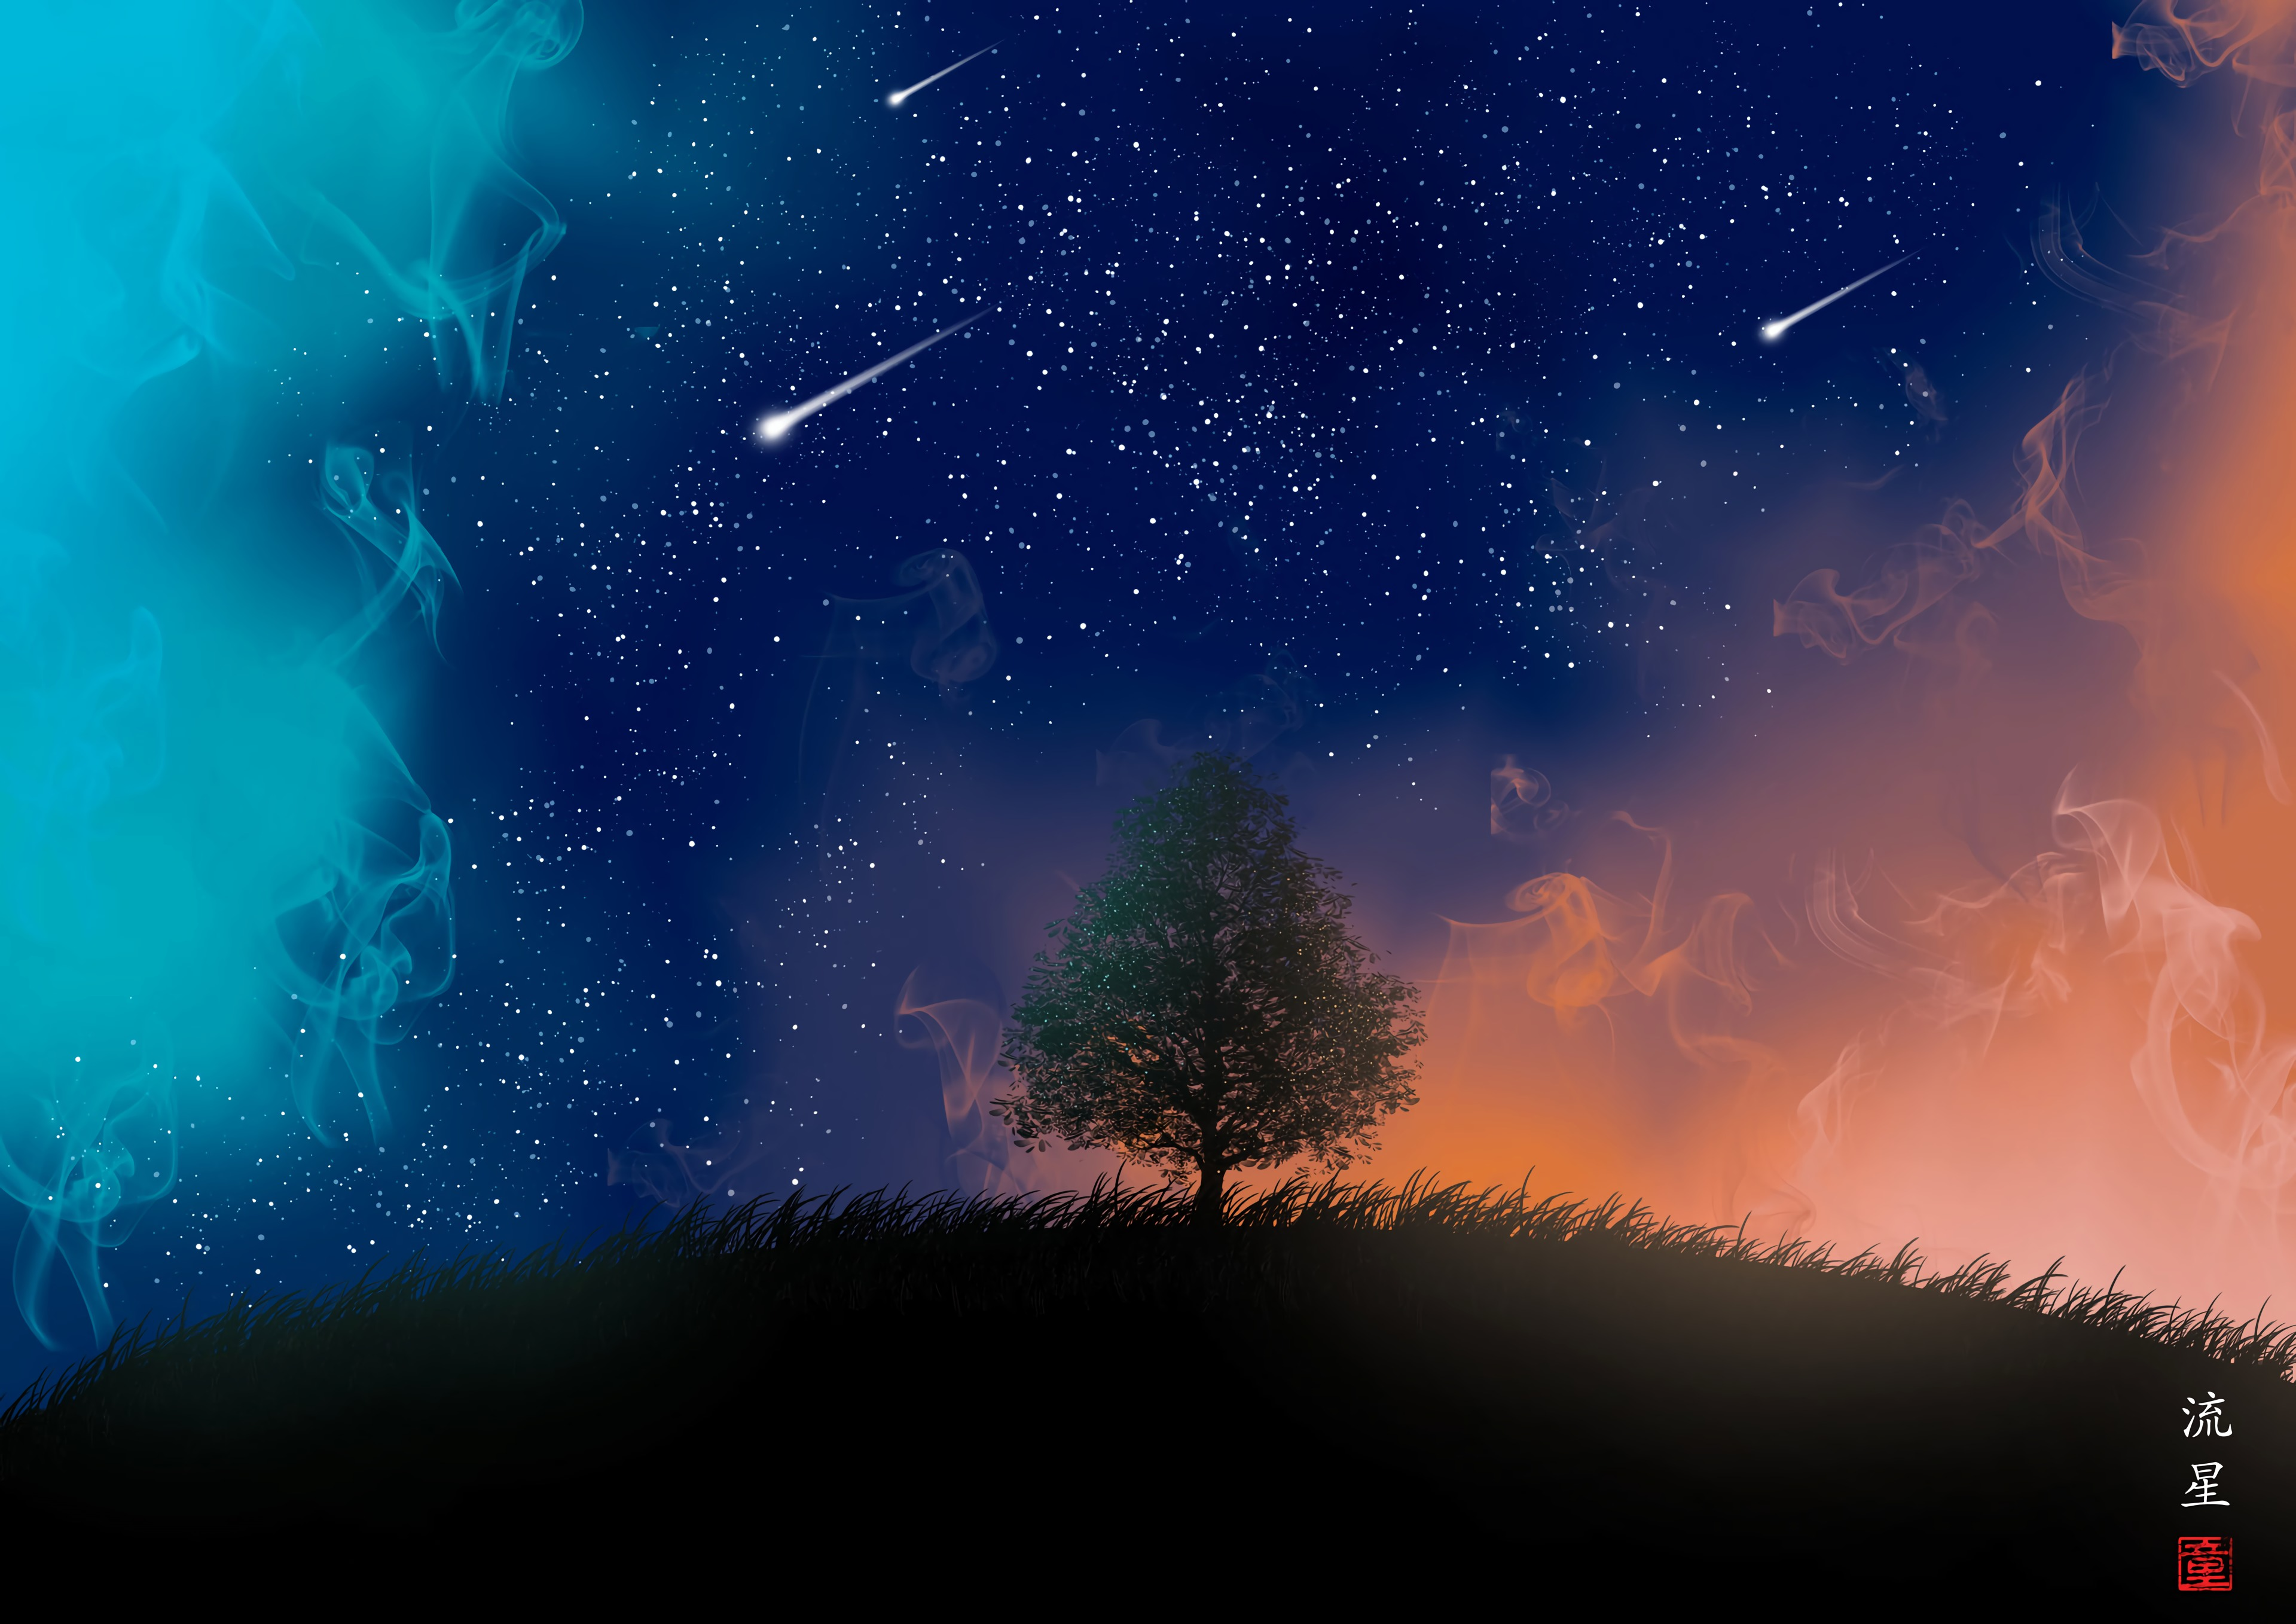 139986 Hintergrundbild herunterladen Kunst, Raucher, Sterne, Übernachtung, Holz, Baum, Meteora, Meteore - Bildschirmschoner und Bilder kostenlos